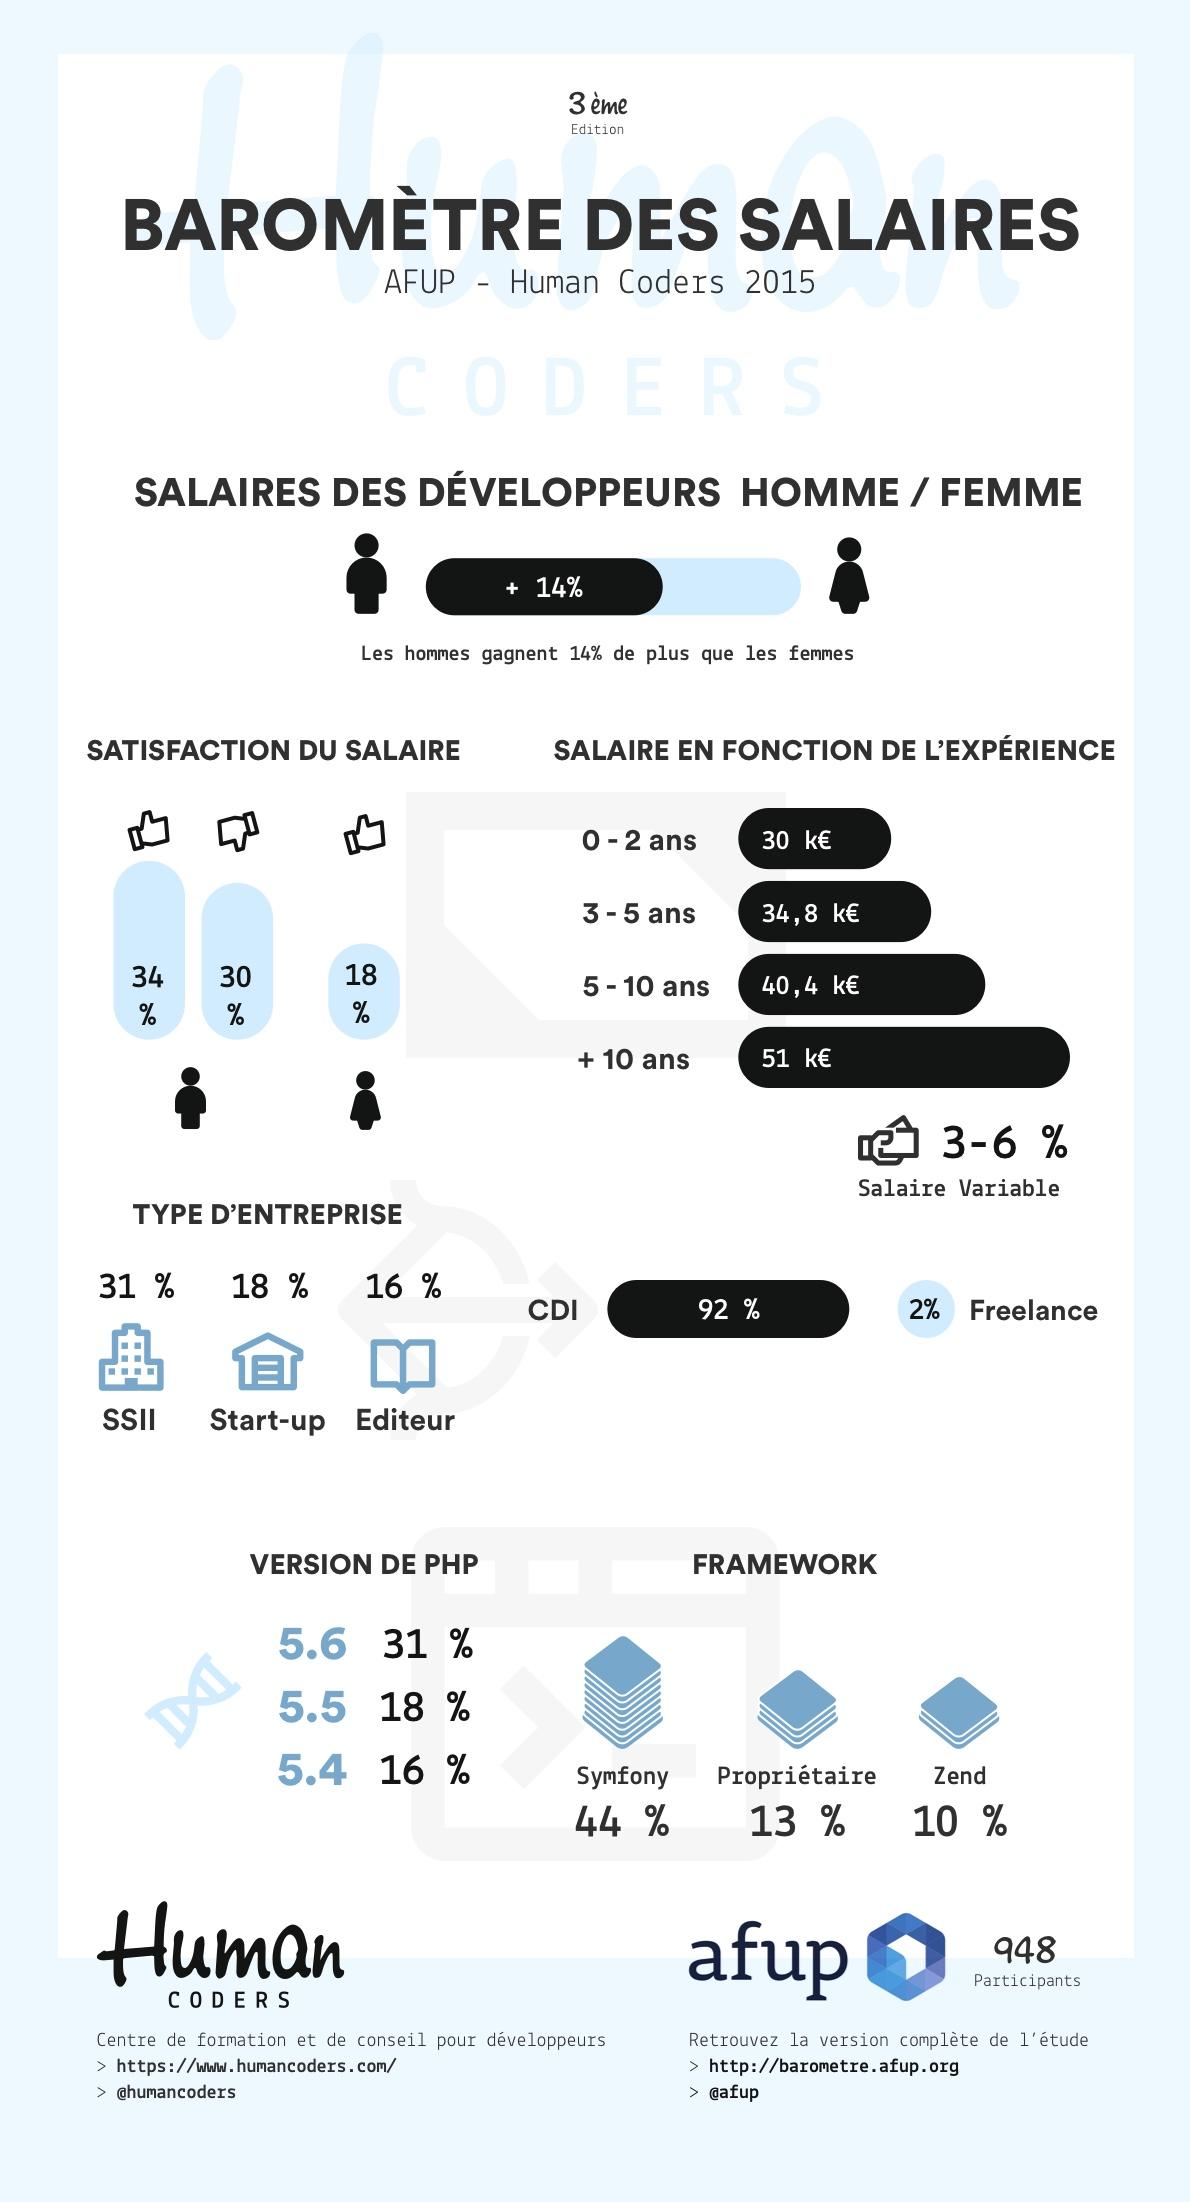 Baromètre des développeurs 2015 AFUP - Human Coders